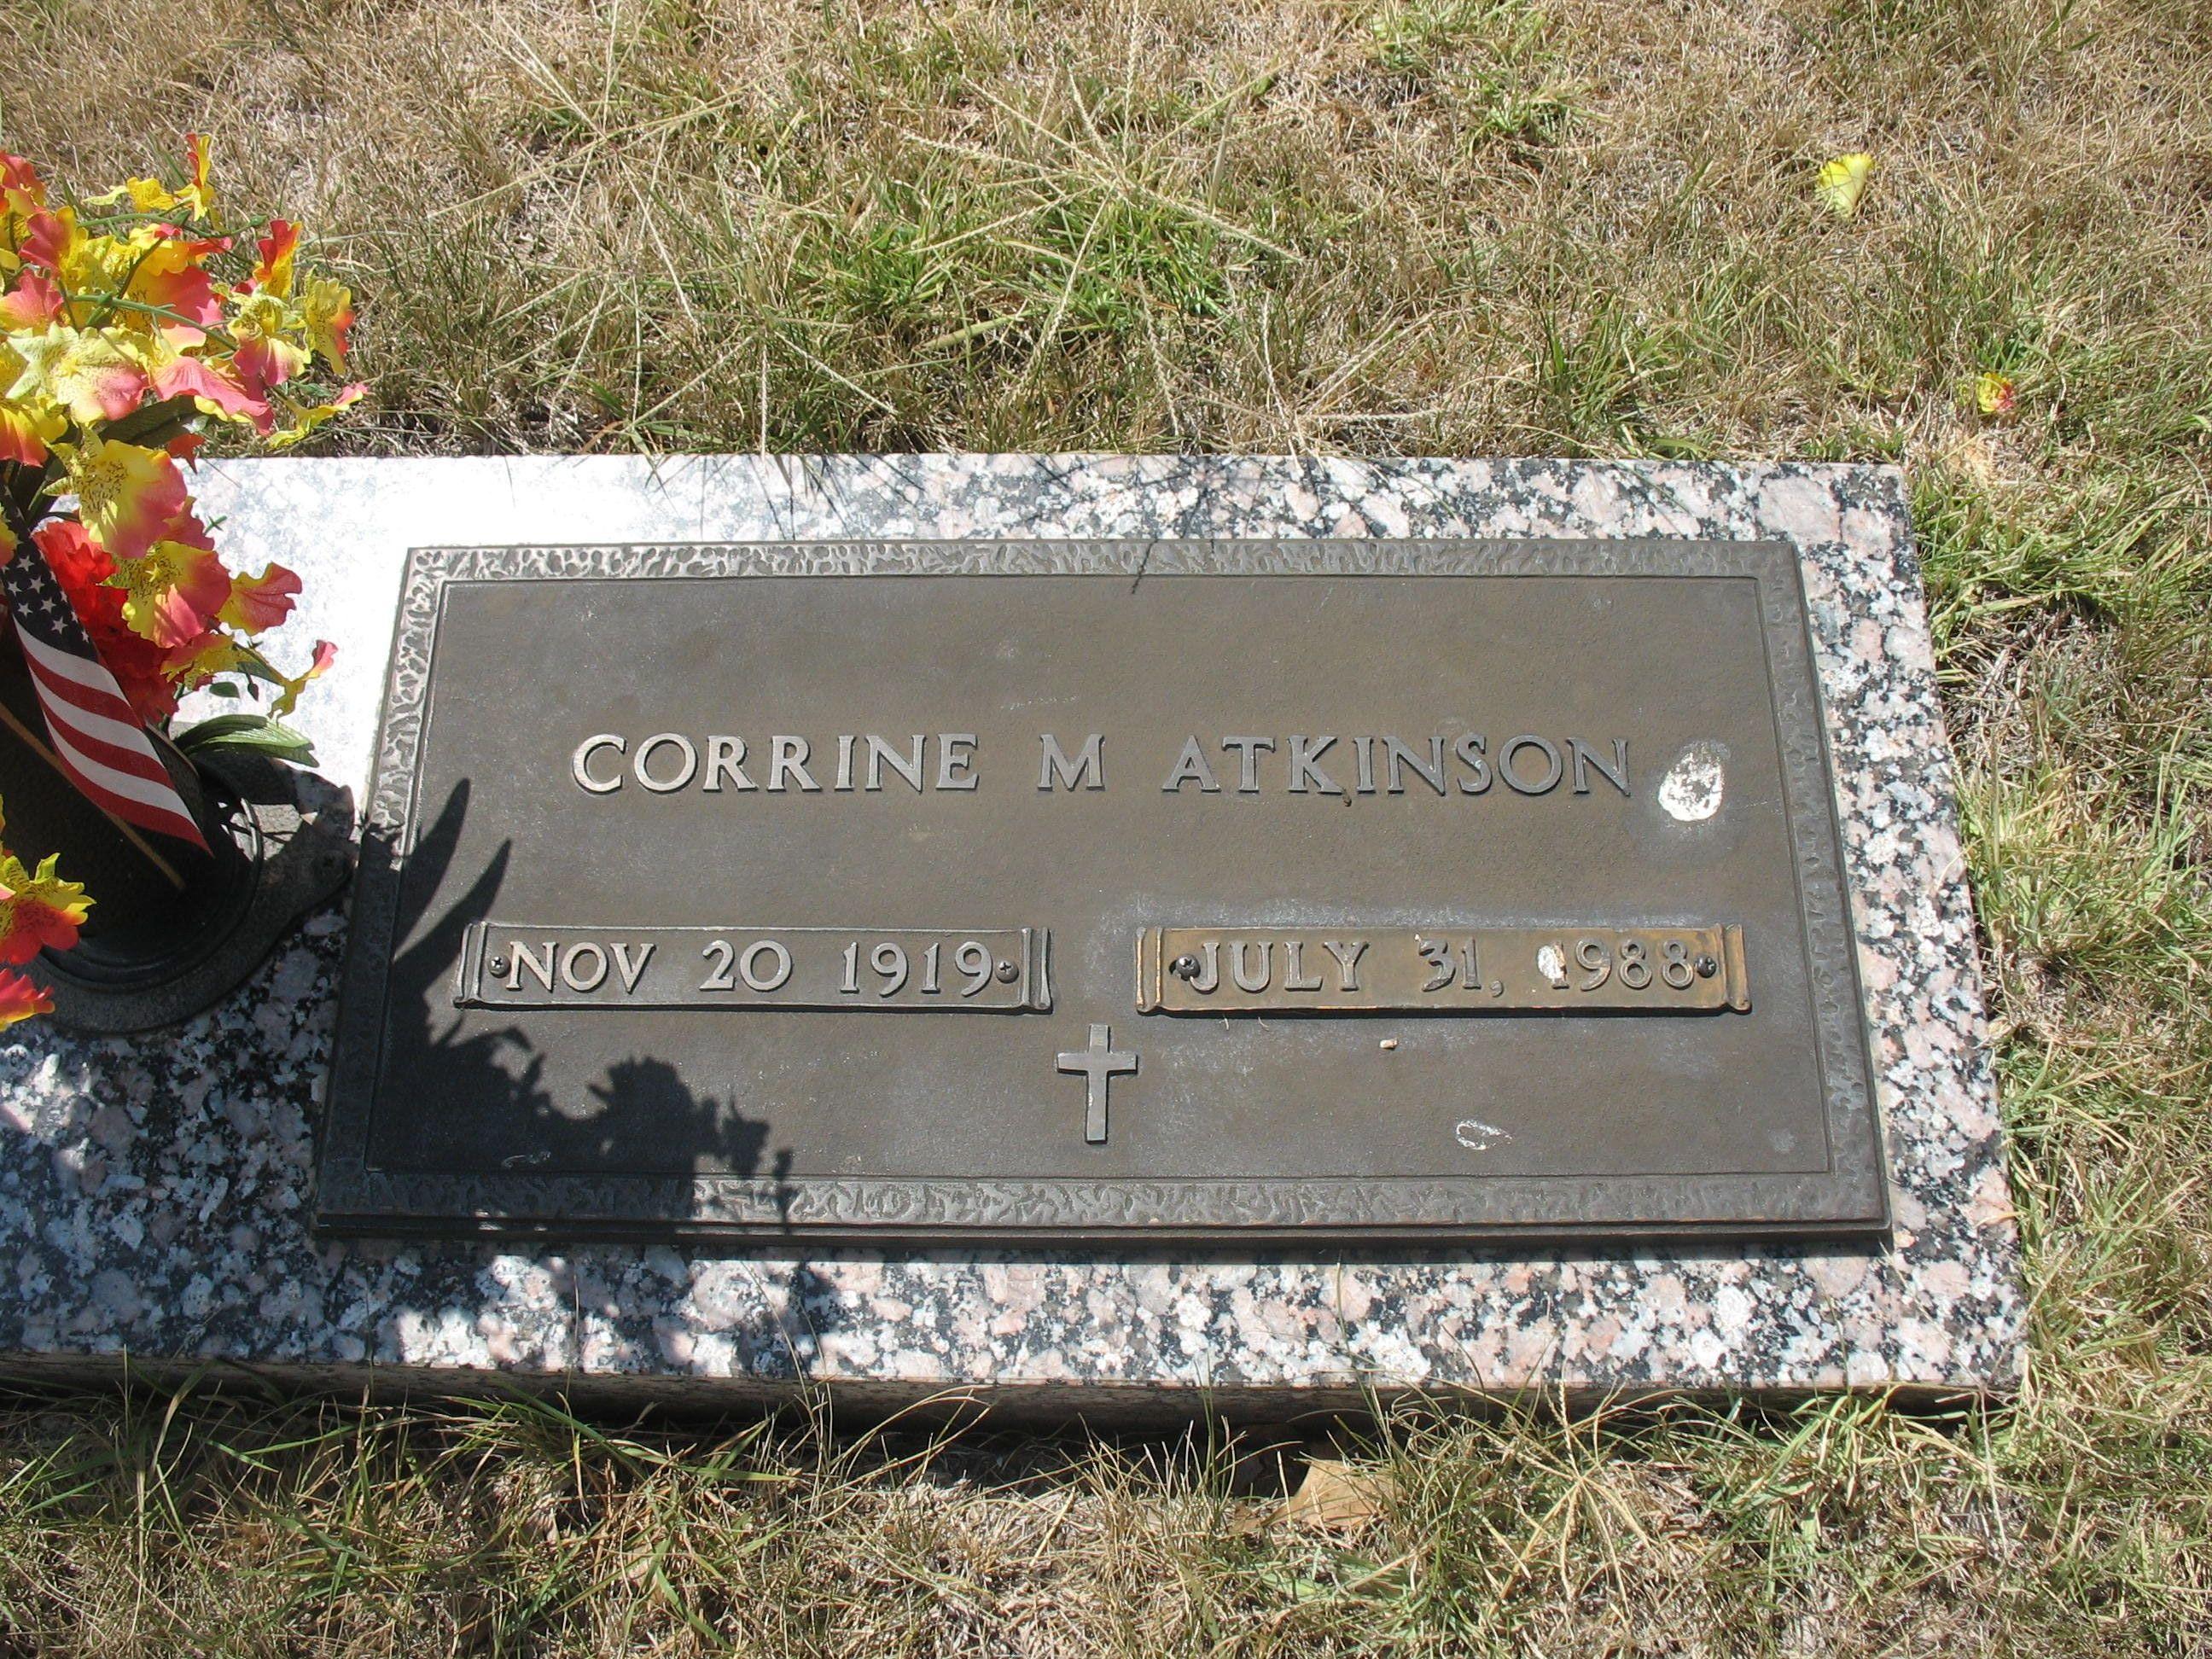 Corrine M Atkinson